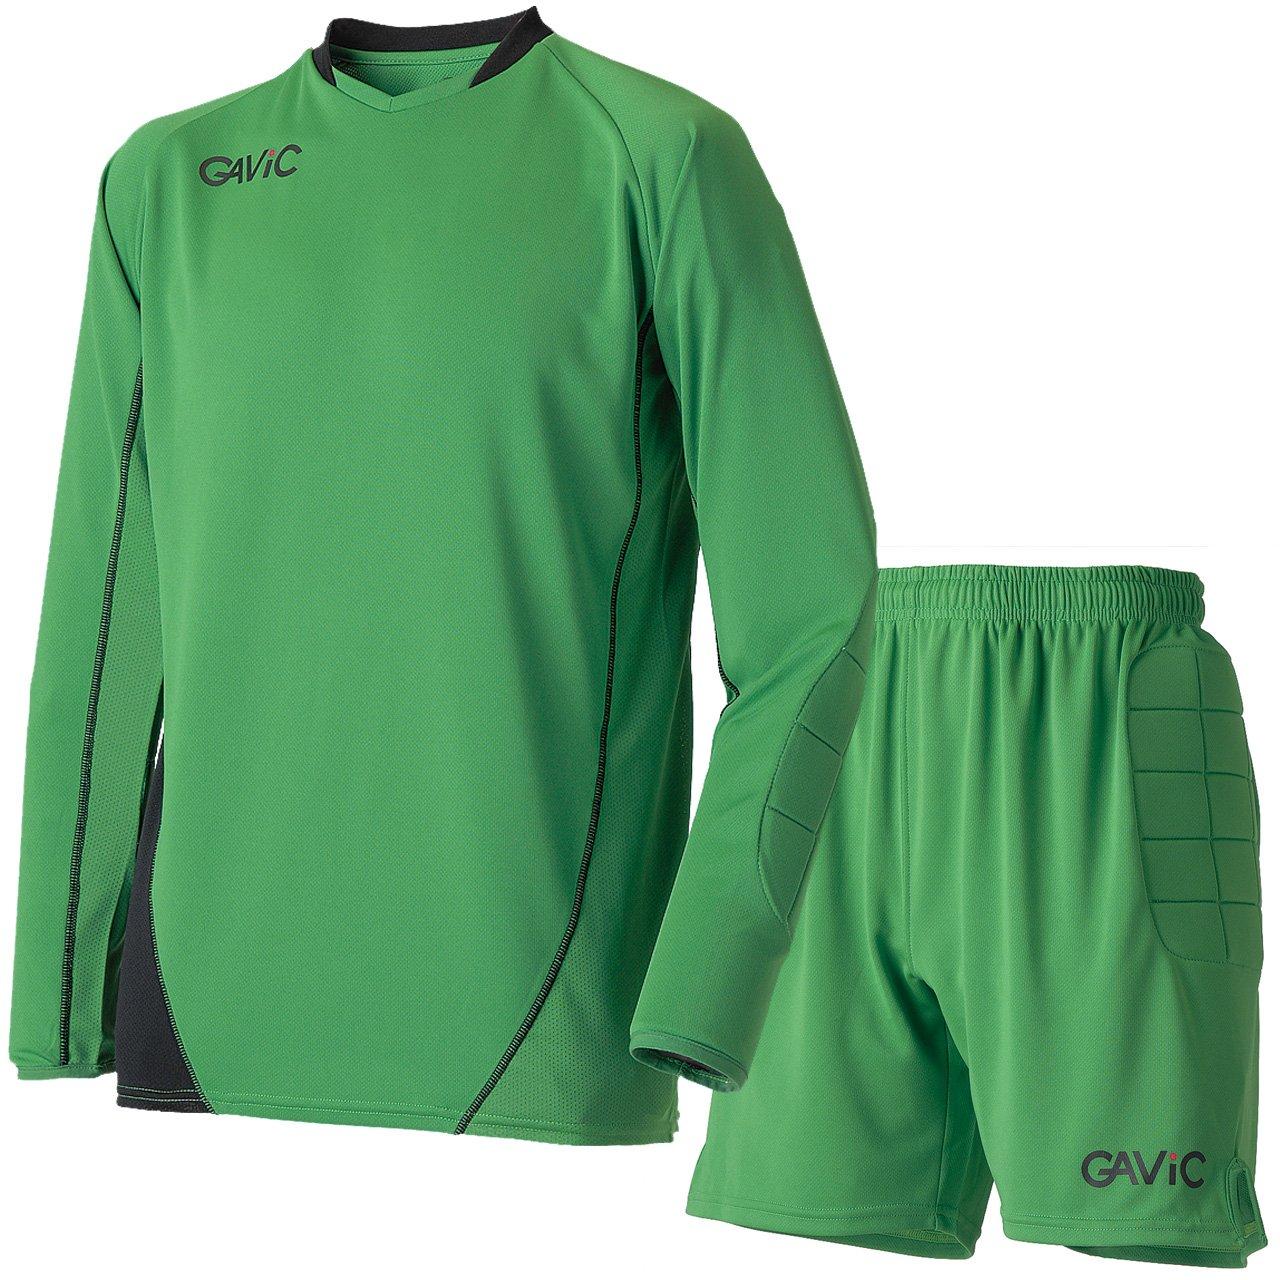 ガビック(GAViC) キーパートップ&パンツ 上下セット(グリーンブラック/グリーン) GA6302-GRNBLK-GA6402-GRN B076P74ZKL M|グリーンブラック×グリーン グリーンブラック×グリーン M